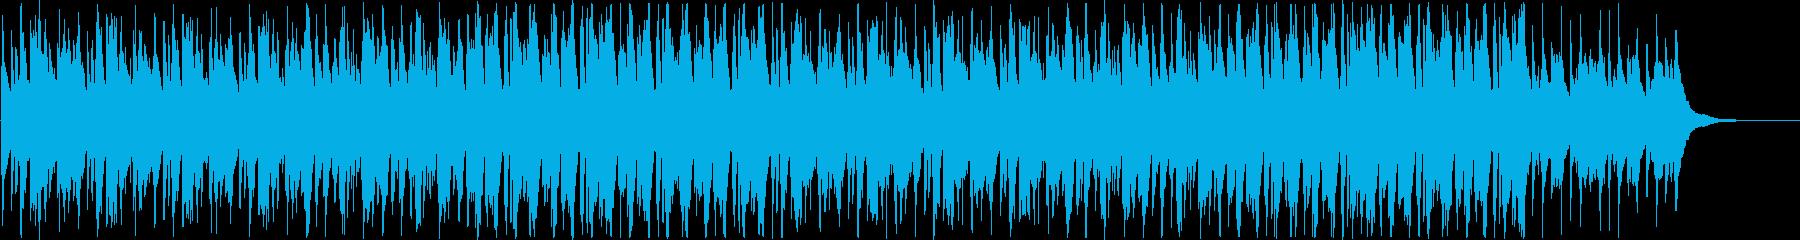 穏やかで日常的なアコースティックポップの再生済みの波形